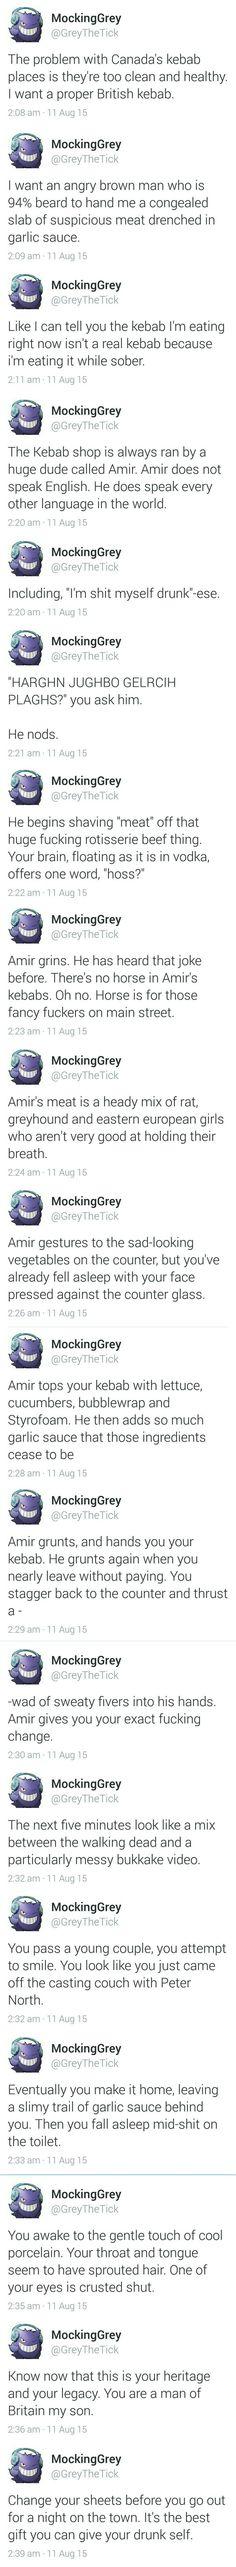 Amir's kebab is the true kebab